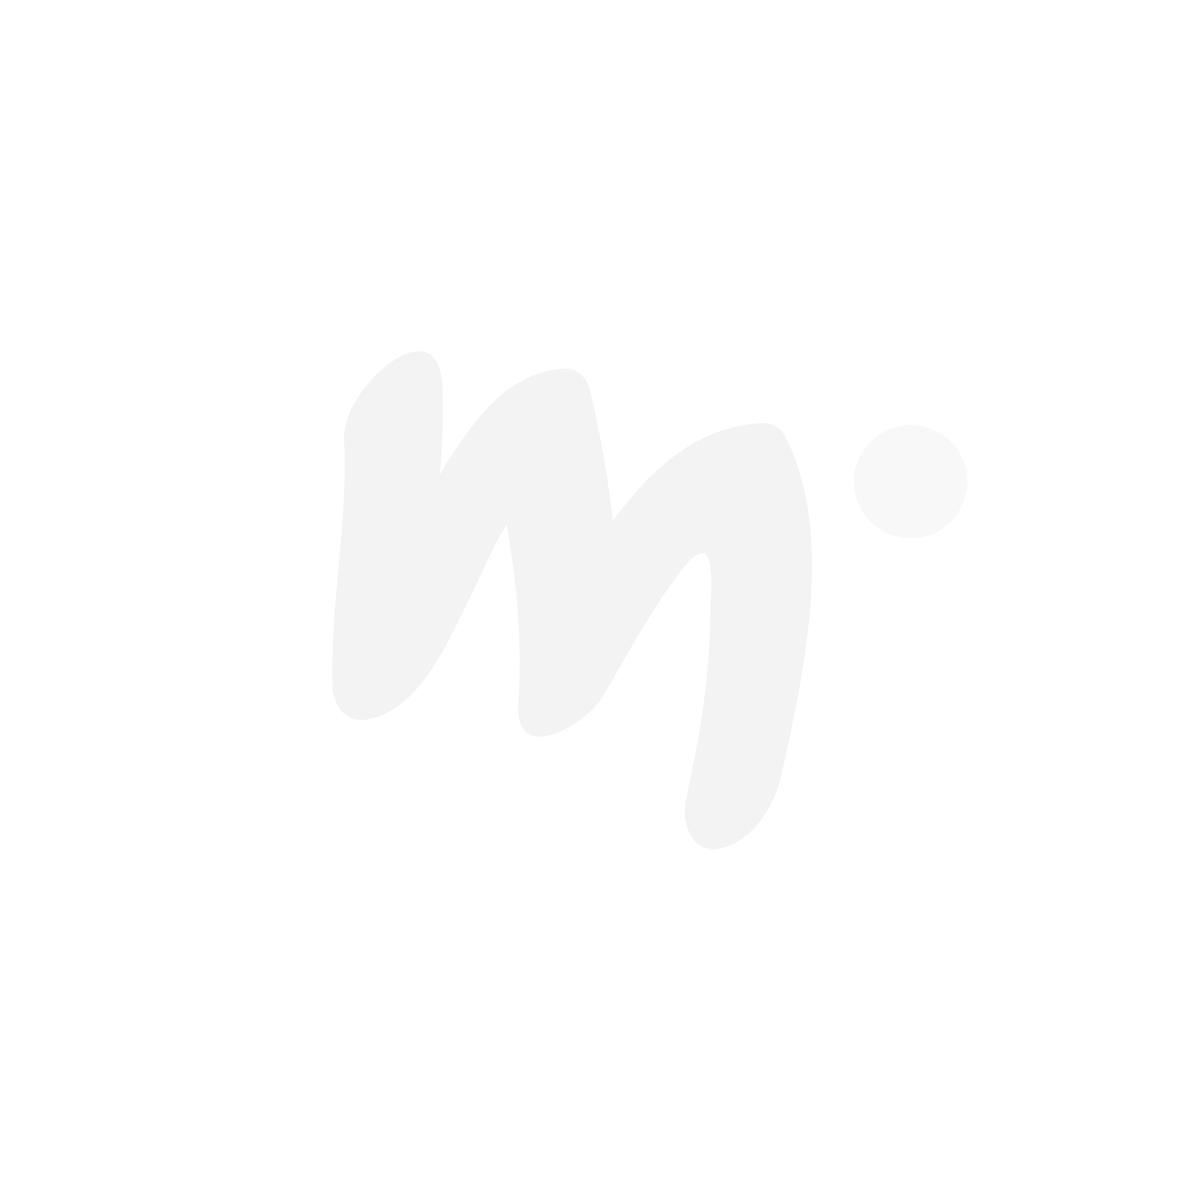 Muumi Talvimaa-kahvipurkki